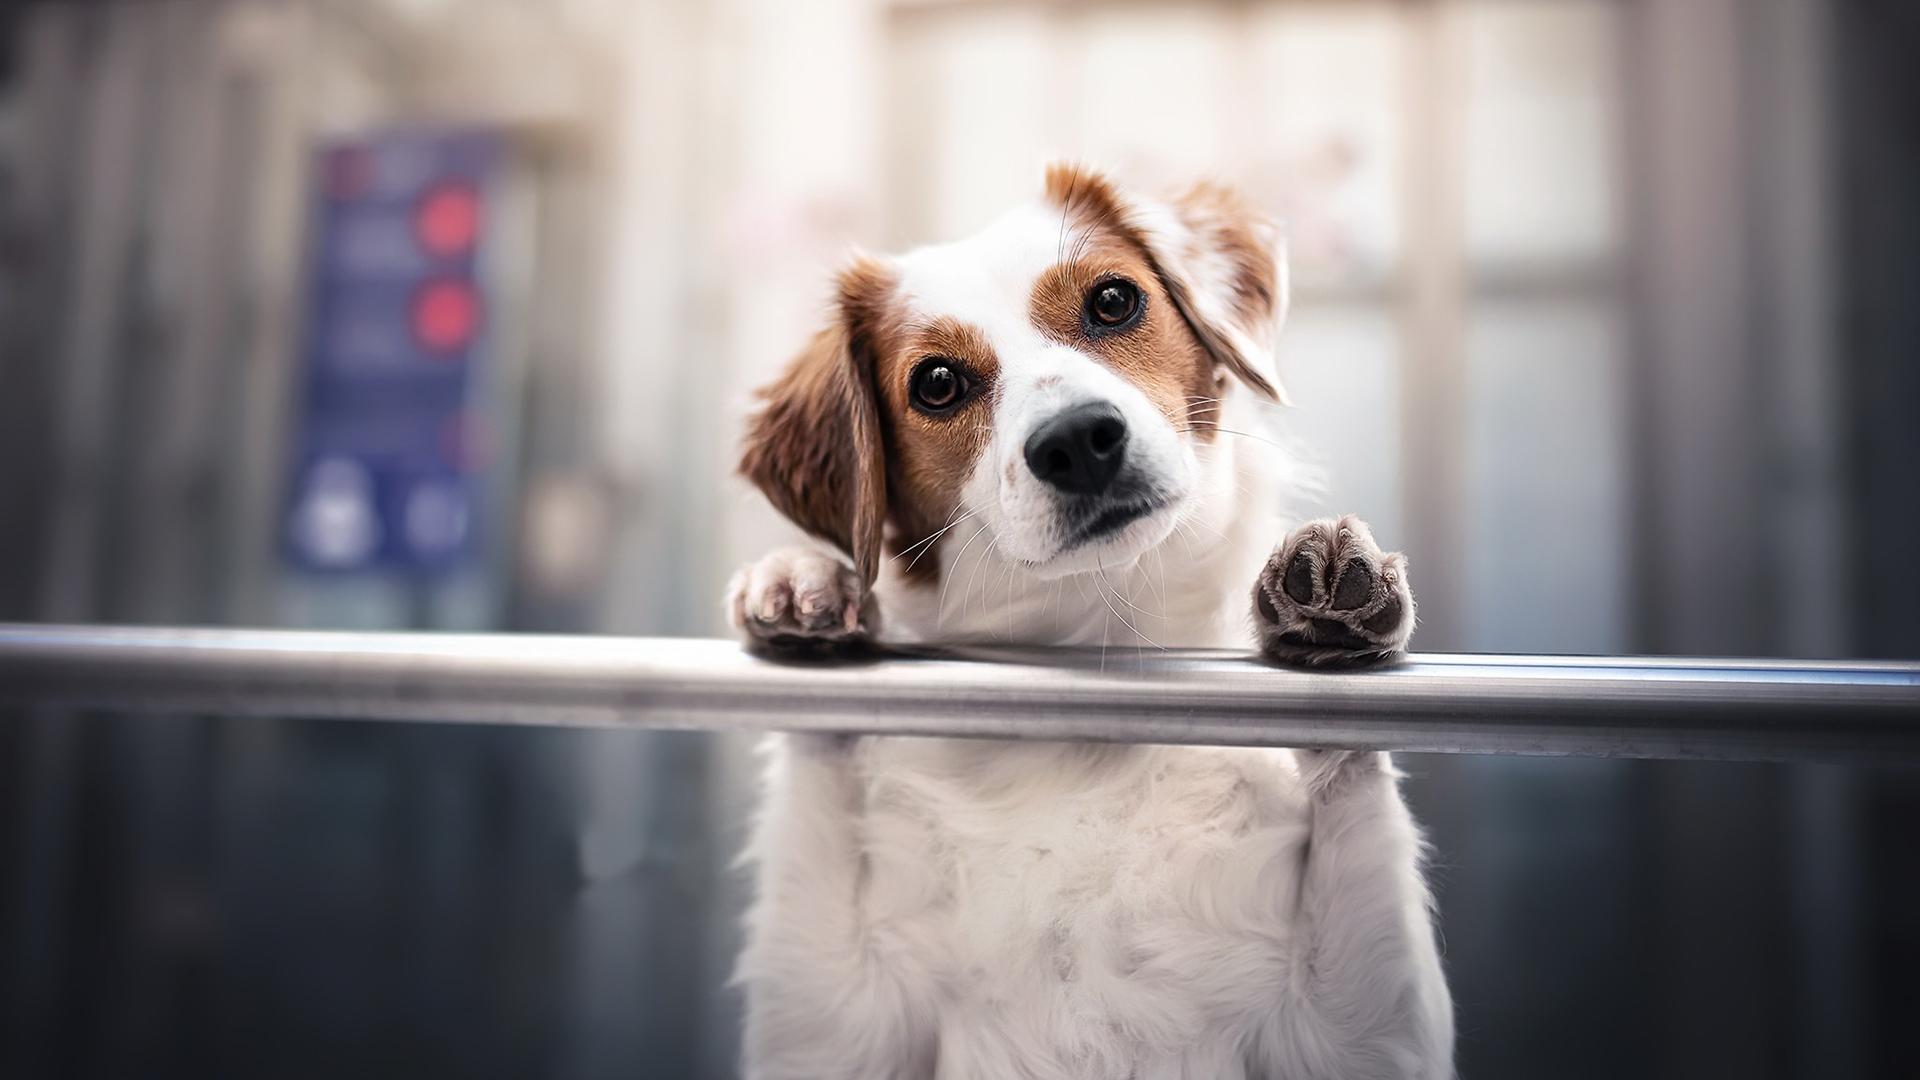 萌宠动物,汪星人,狗狗,可爱,疑问